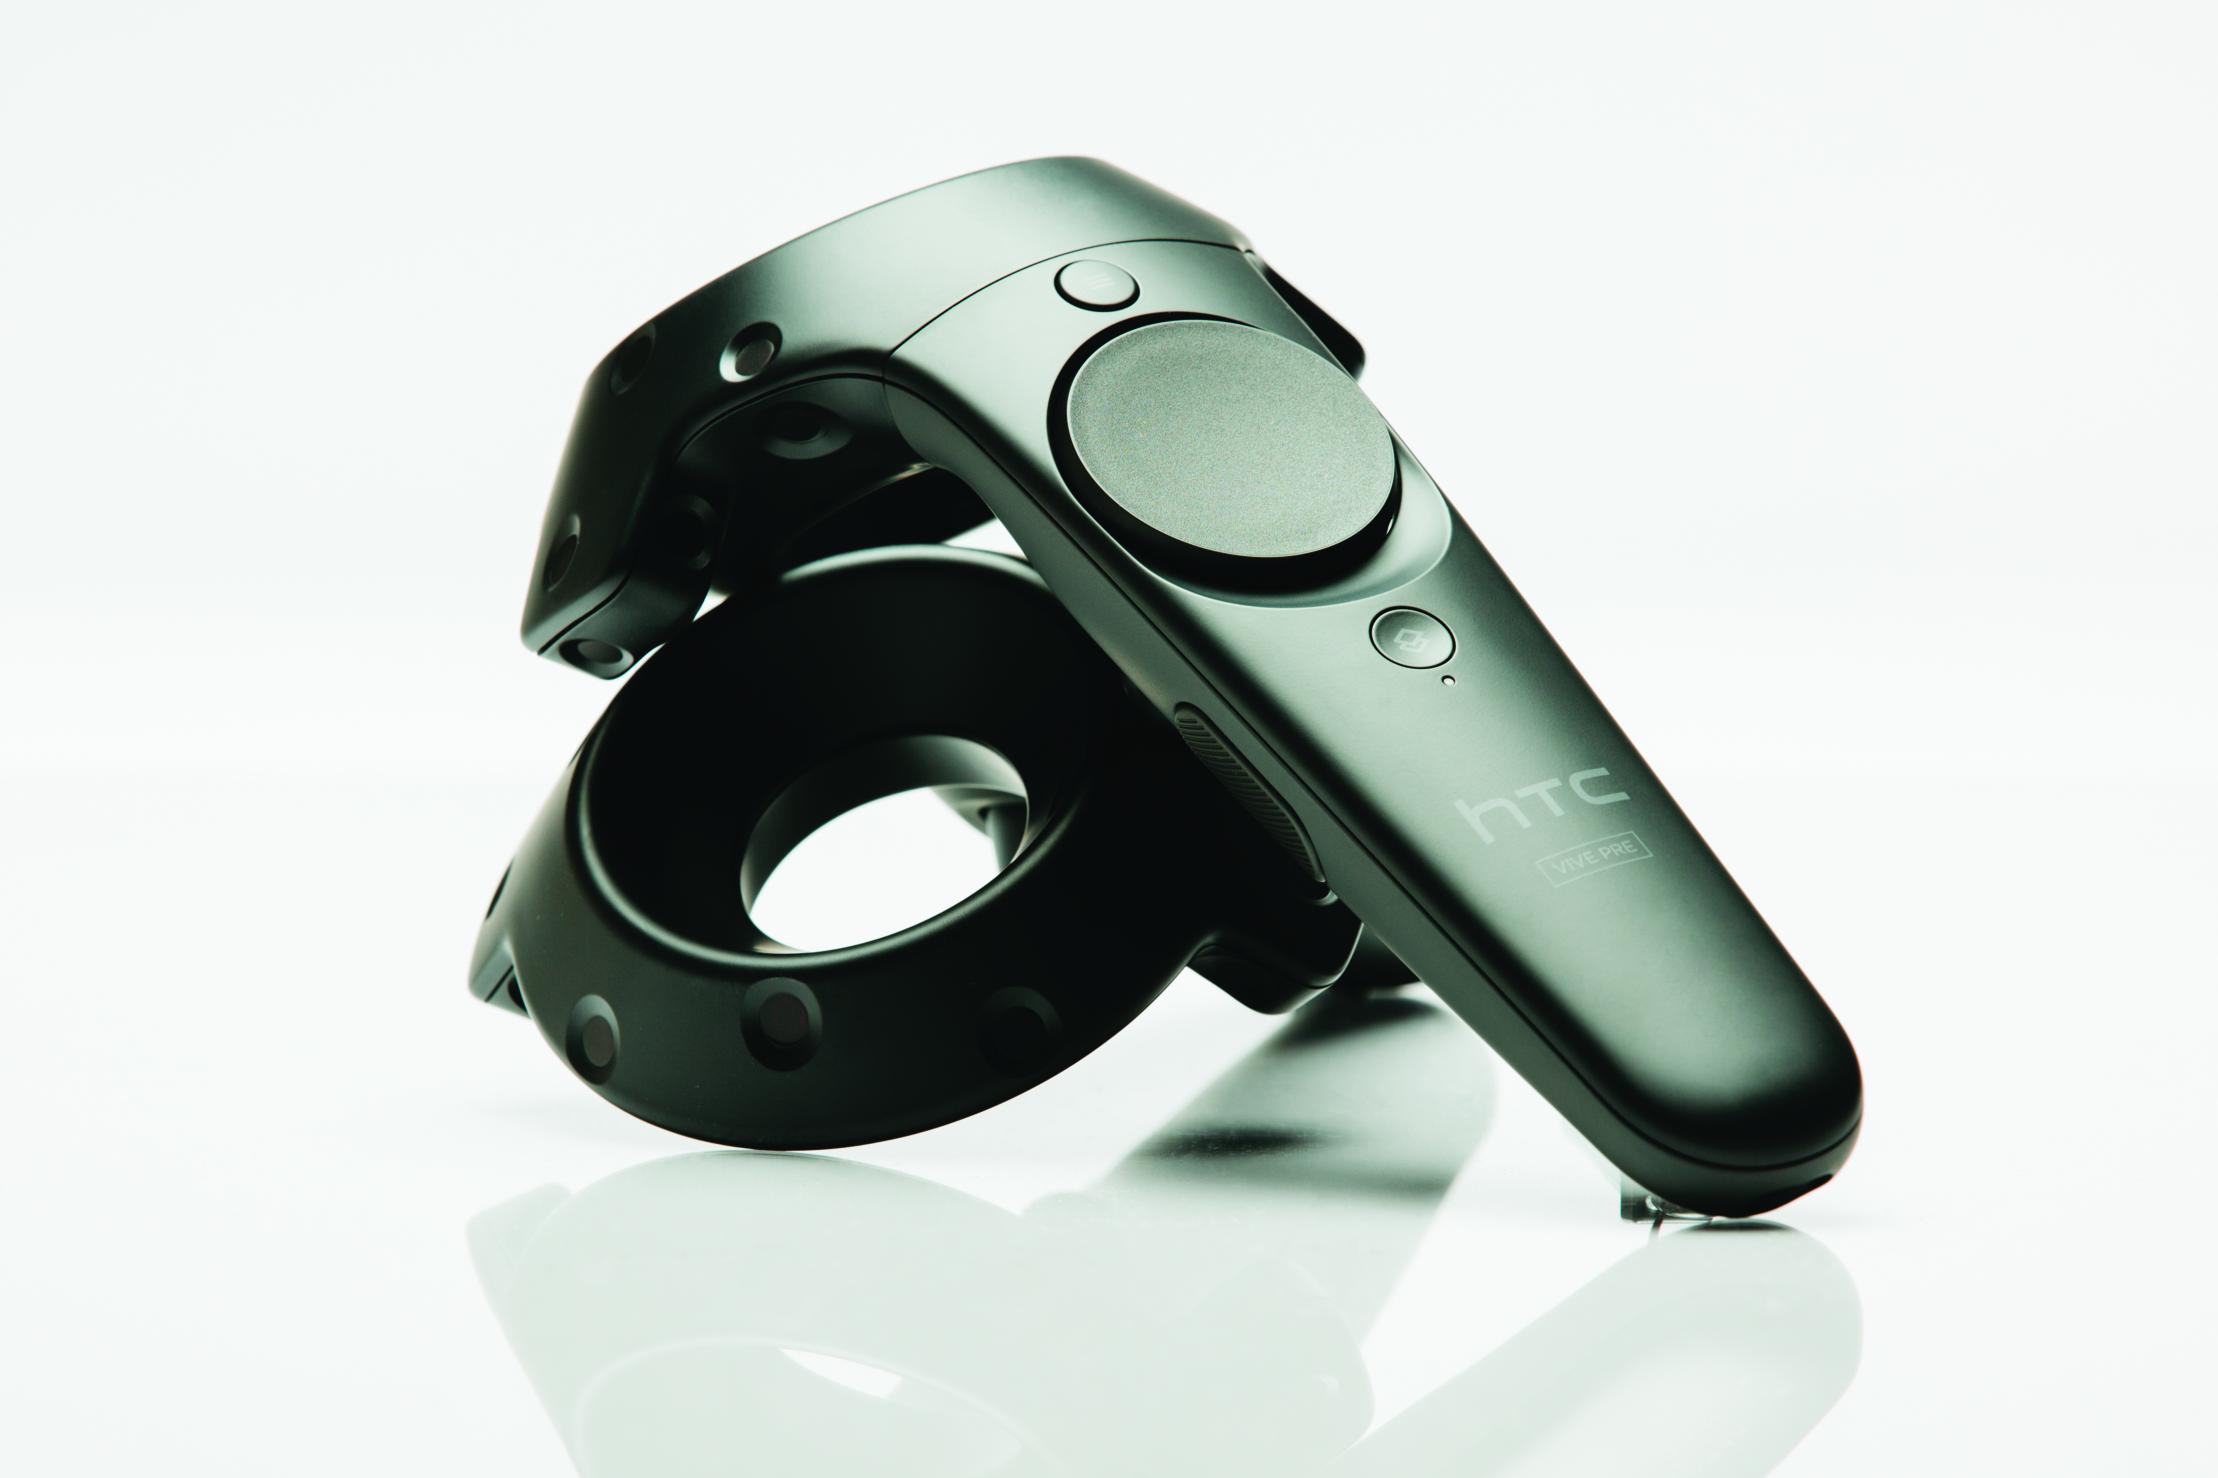 CES 2016: Шлем виртуальной реальности HTC Vive Pre получил фронтальную камеру